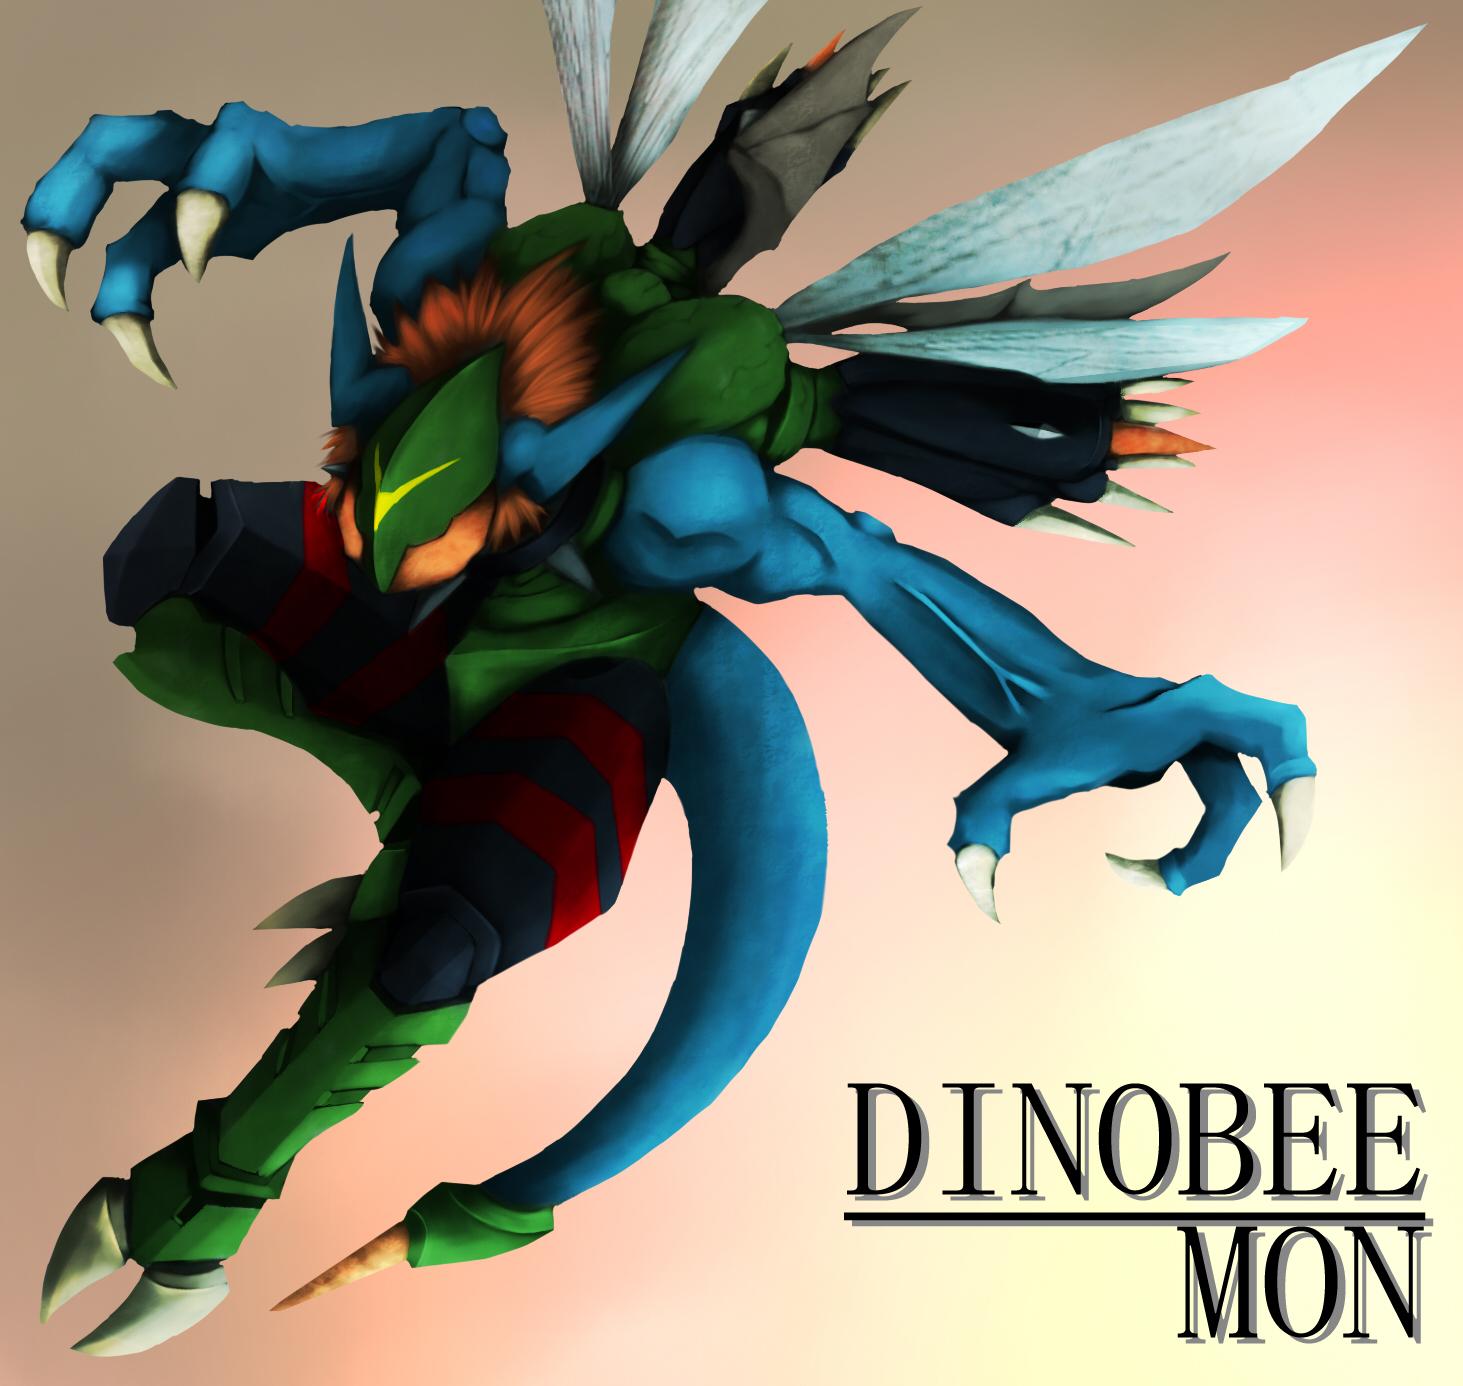 Dinobeemon - Digimon Adventure - Image #292362 - Zerochan ...